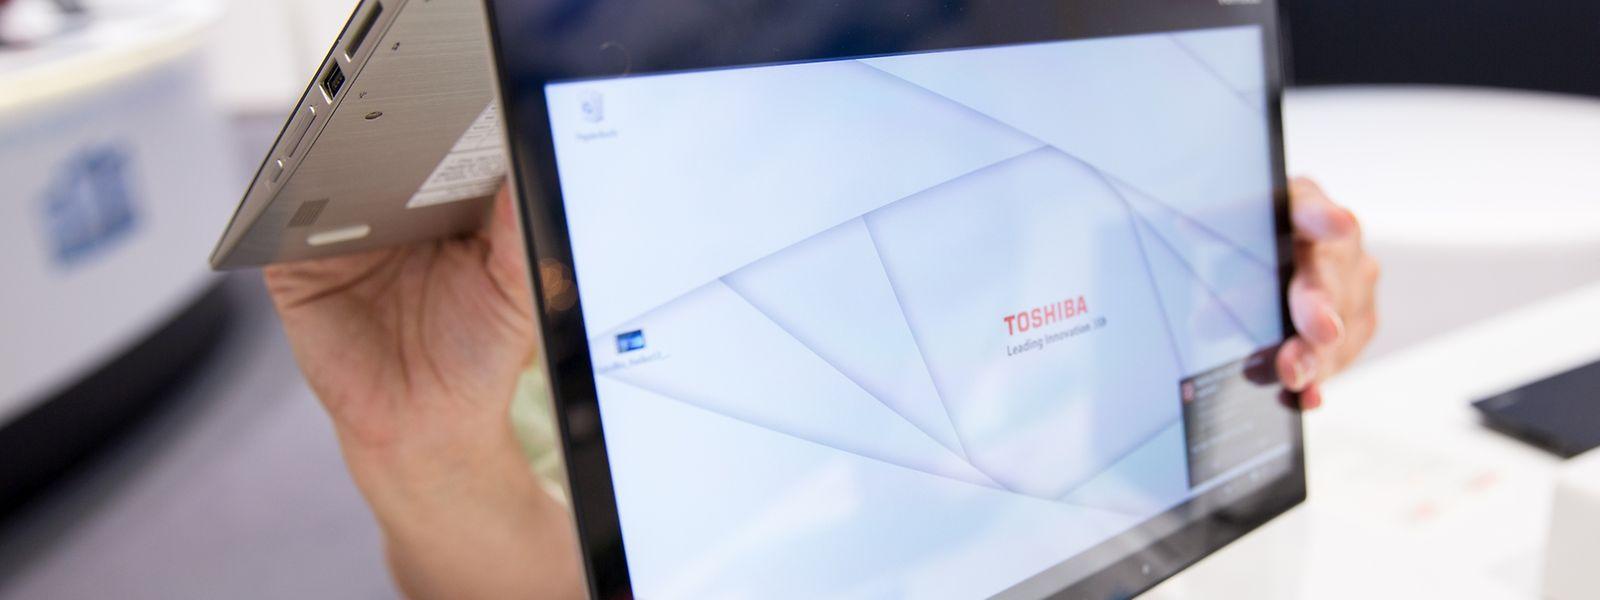 Bei Convertibles lässt sich der Bildschirm umklappen. So sind mehrere Nutzungsmodi möglich - bis hin zur Tabletnutzung.